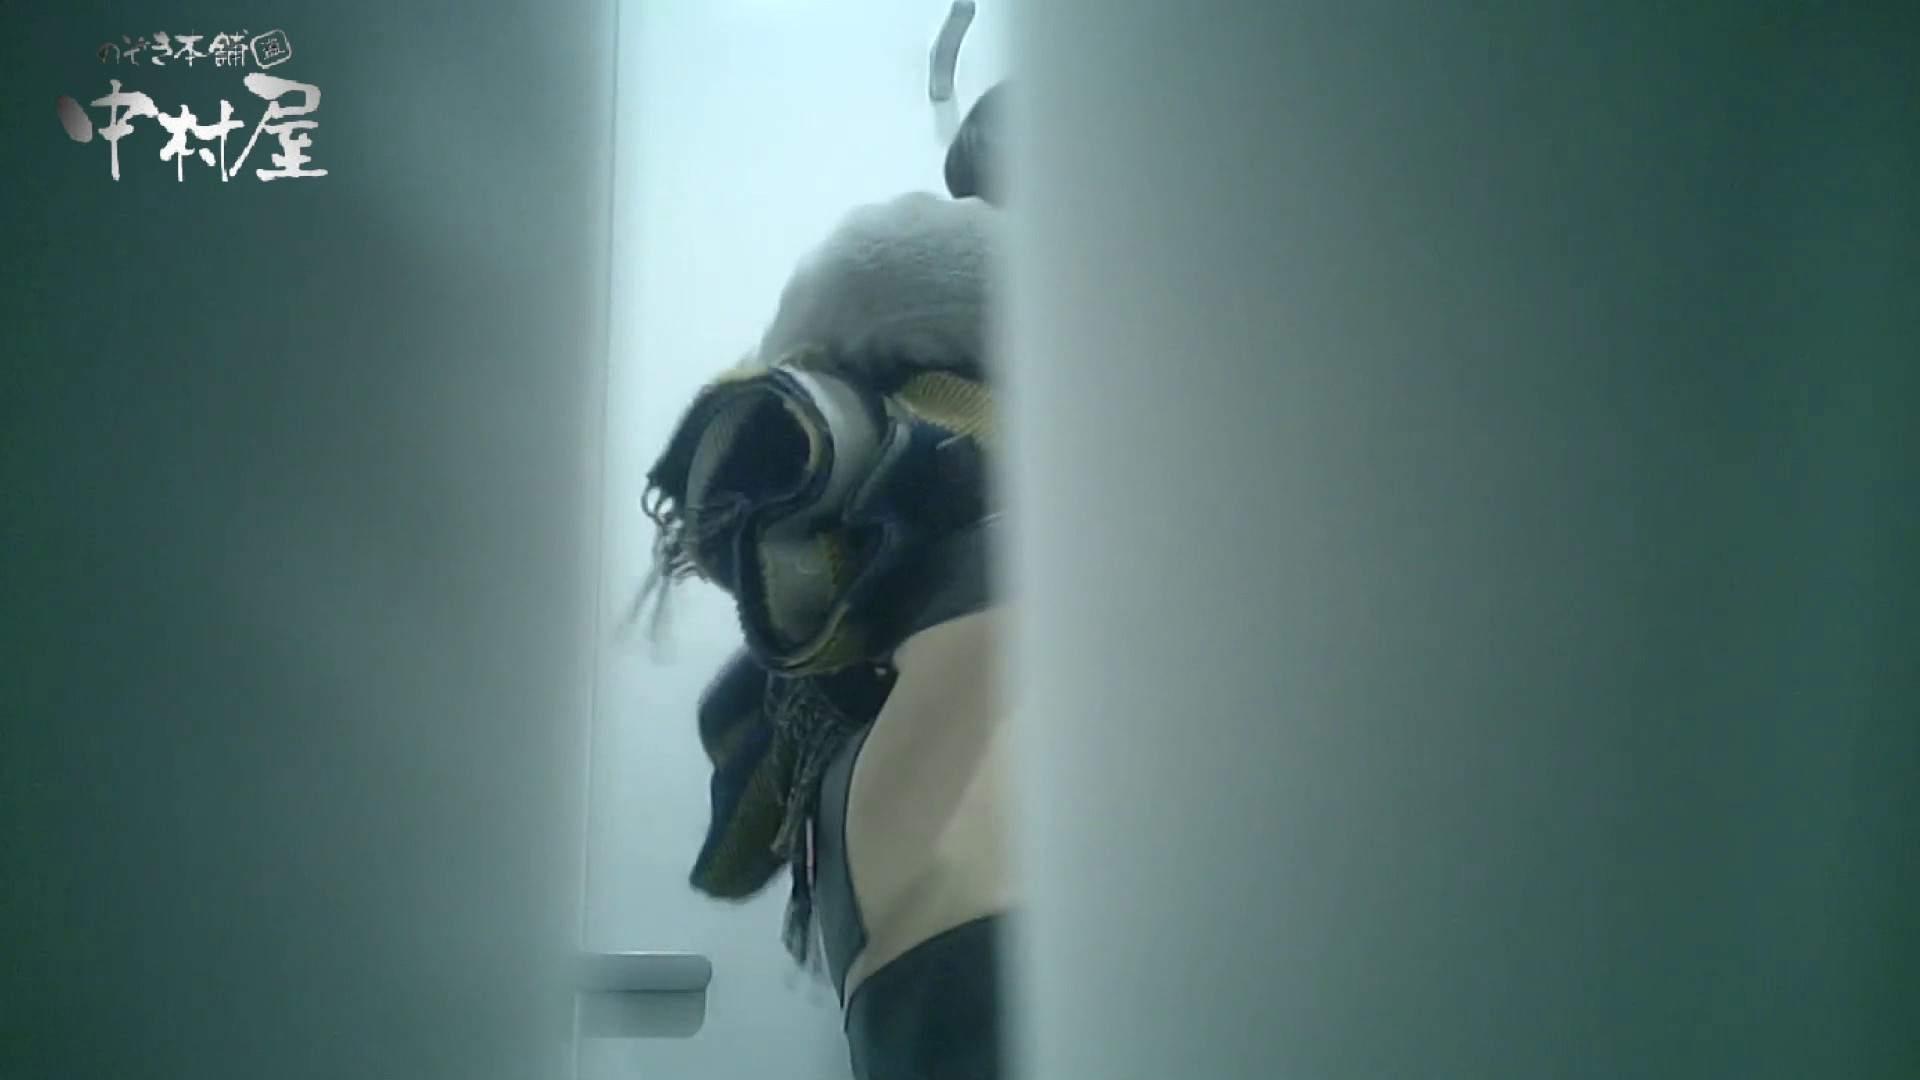 無修正おまんこ動画 有名大学女性洗面所 vol.58 アンダーヘアーも冬支度? のぞき本舗 中村屋